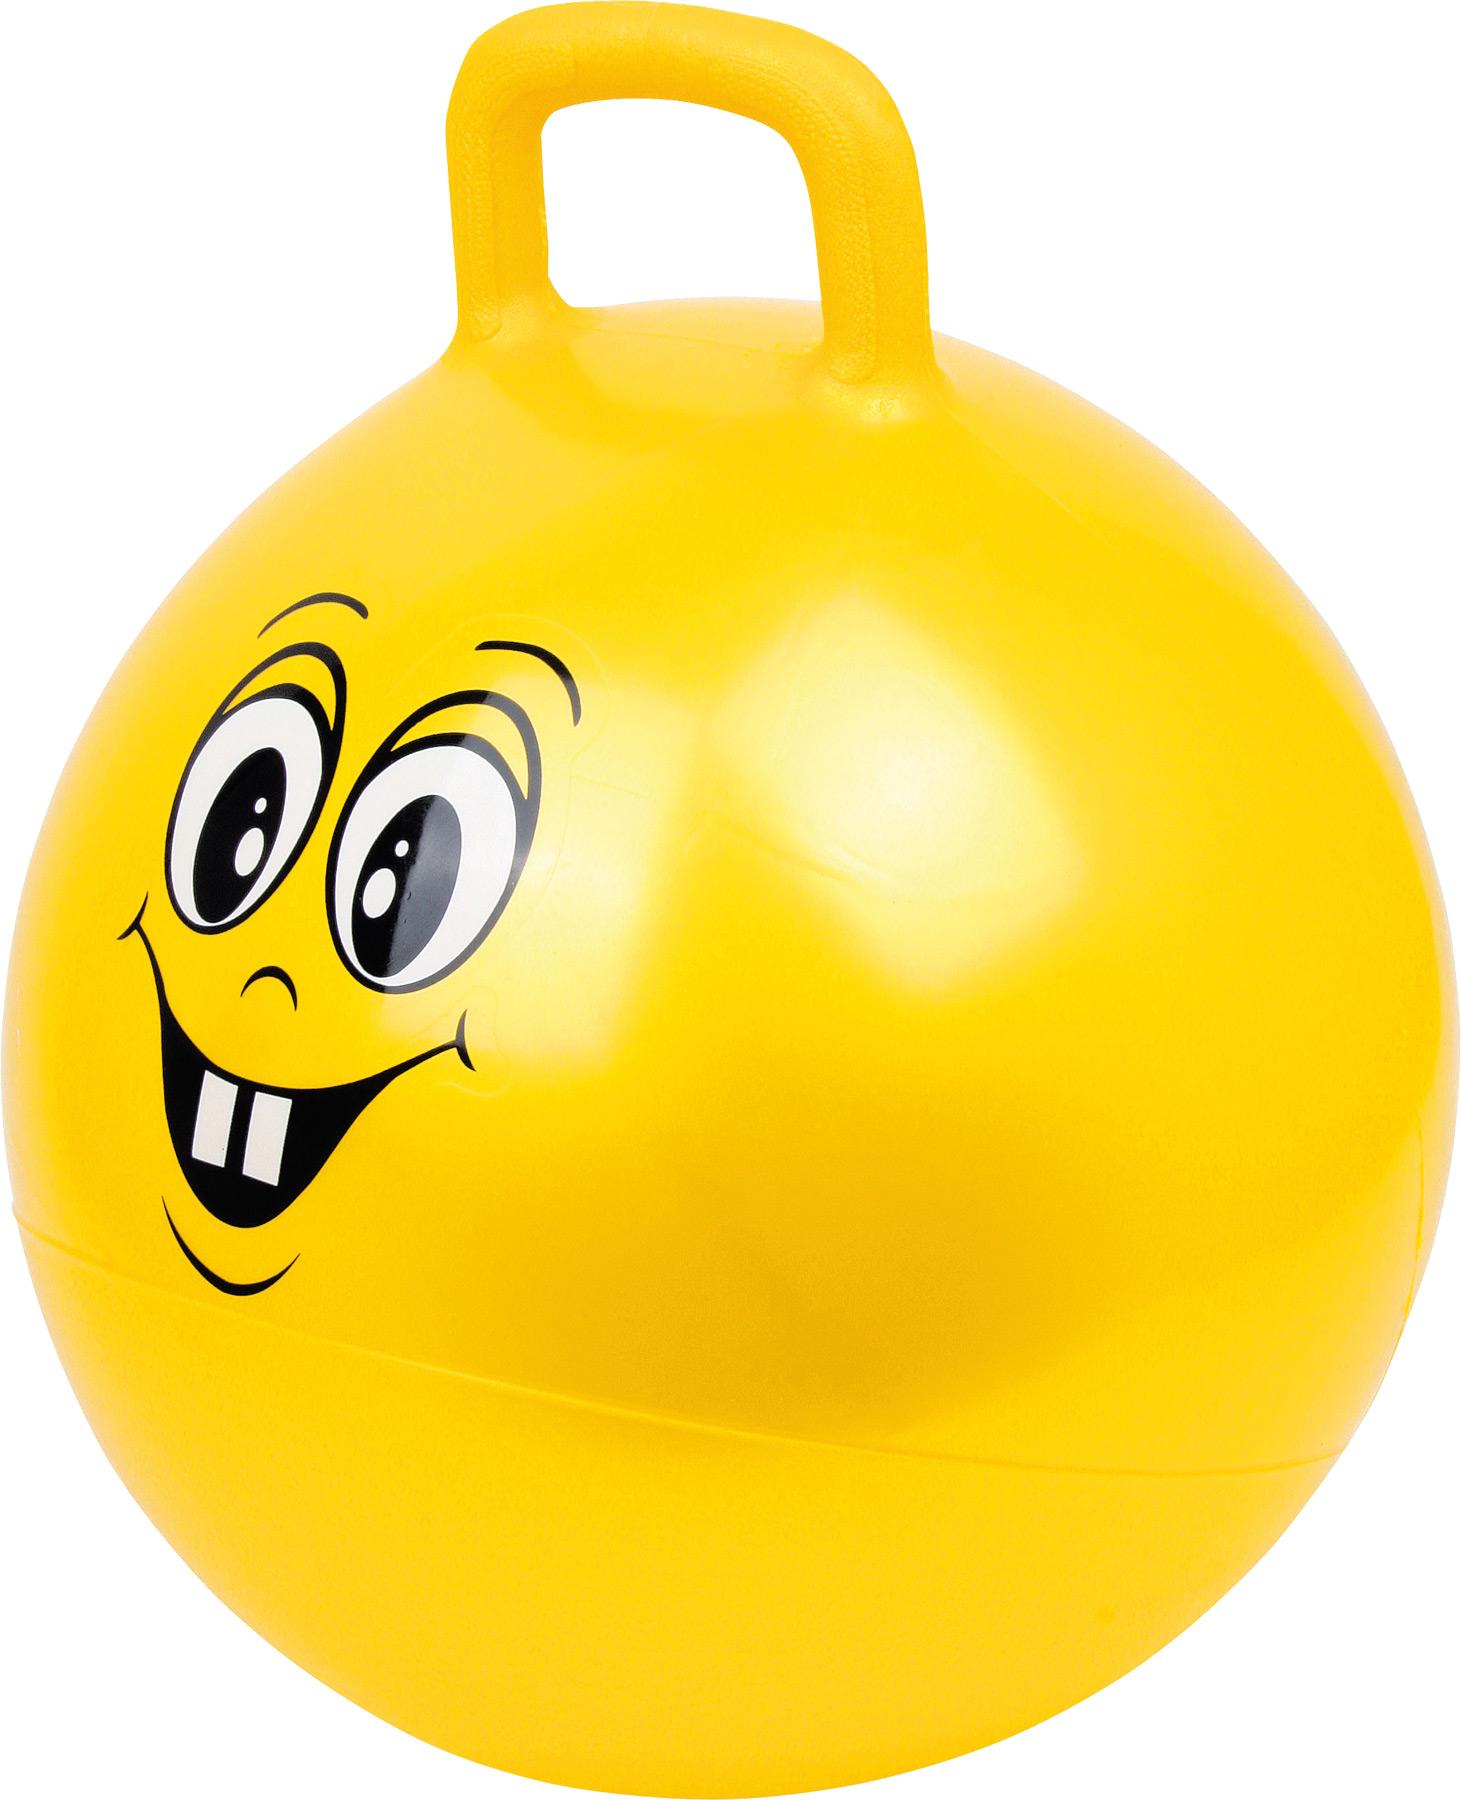 Ballon sauteur  Q